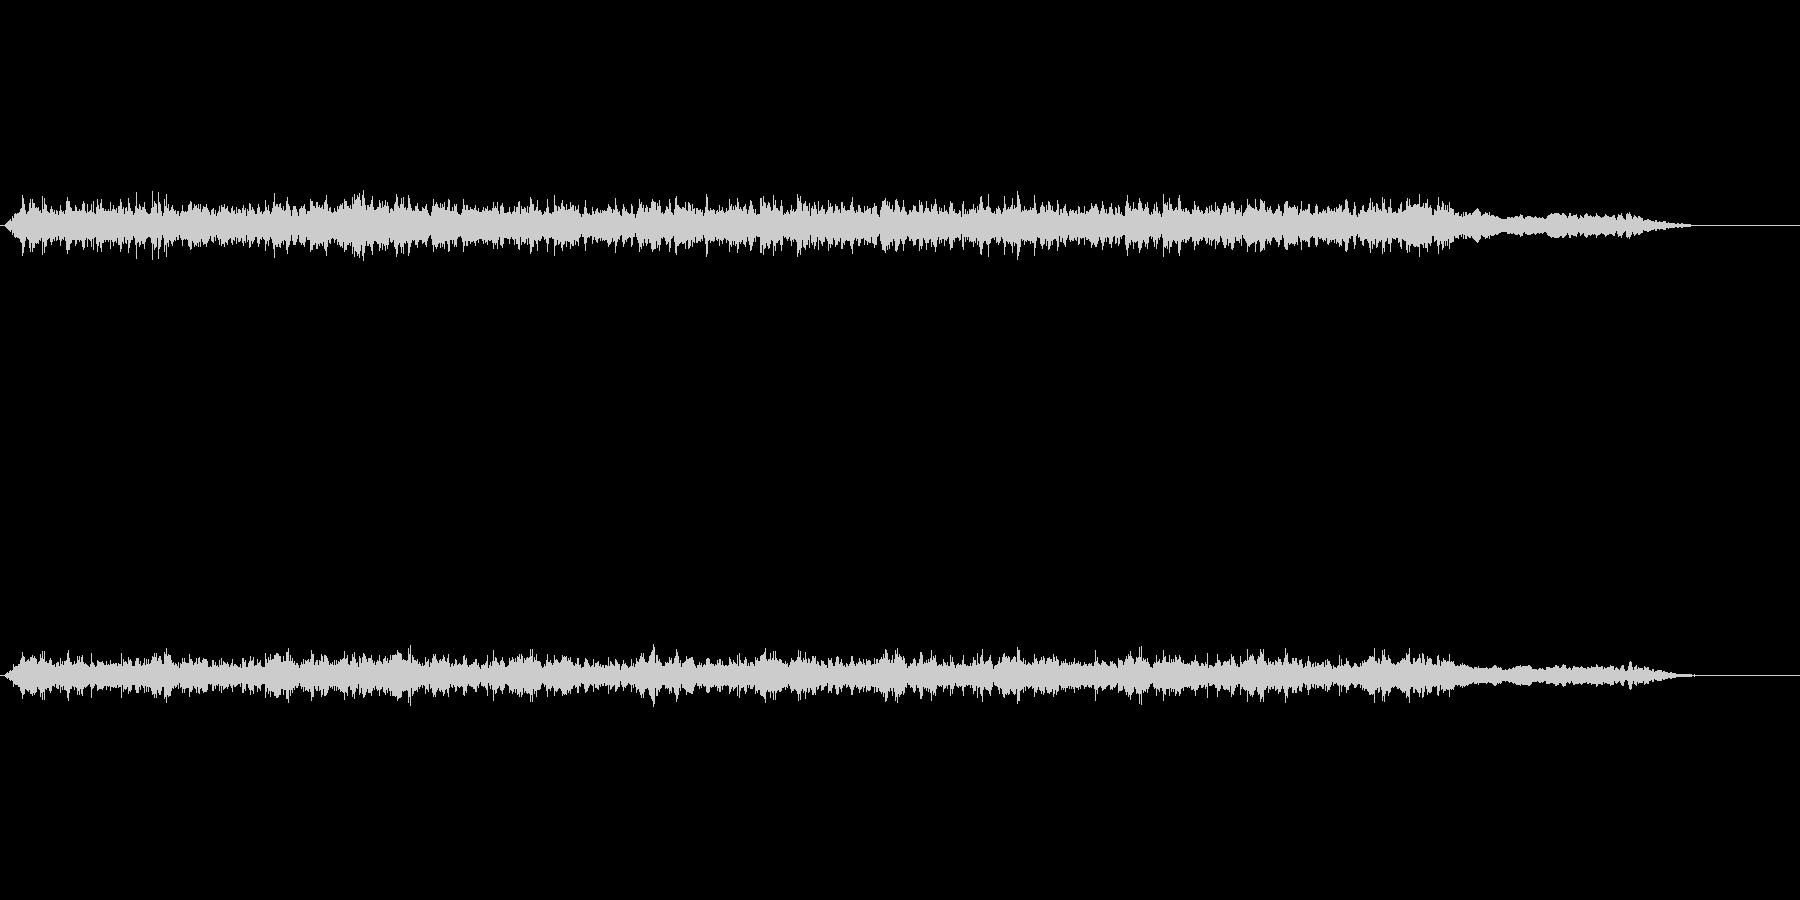 音楽;厚い壁を通して男性のボーカル...の未再生の波形